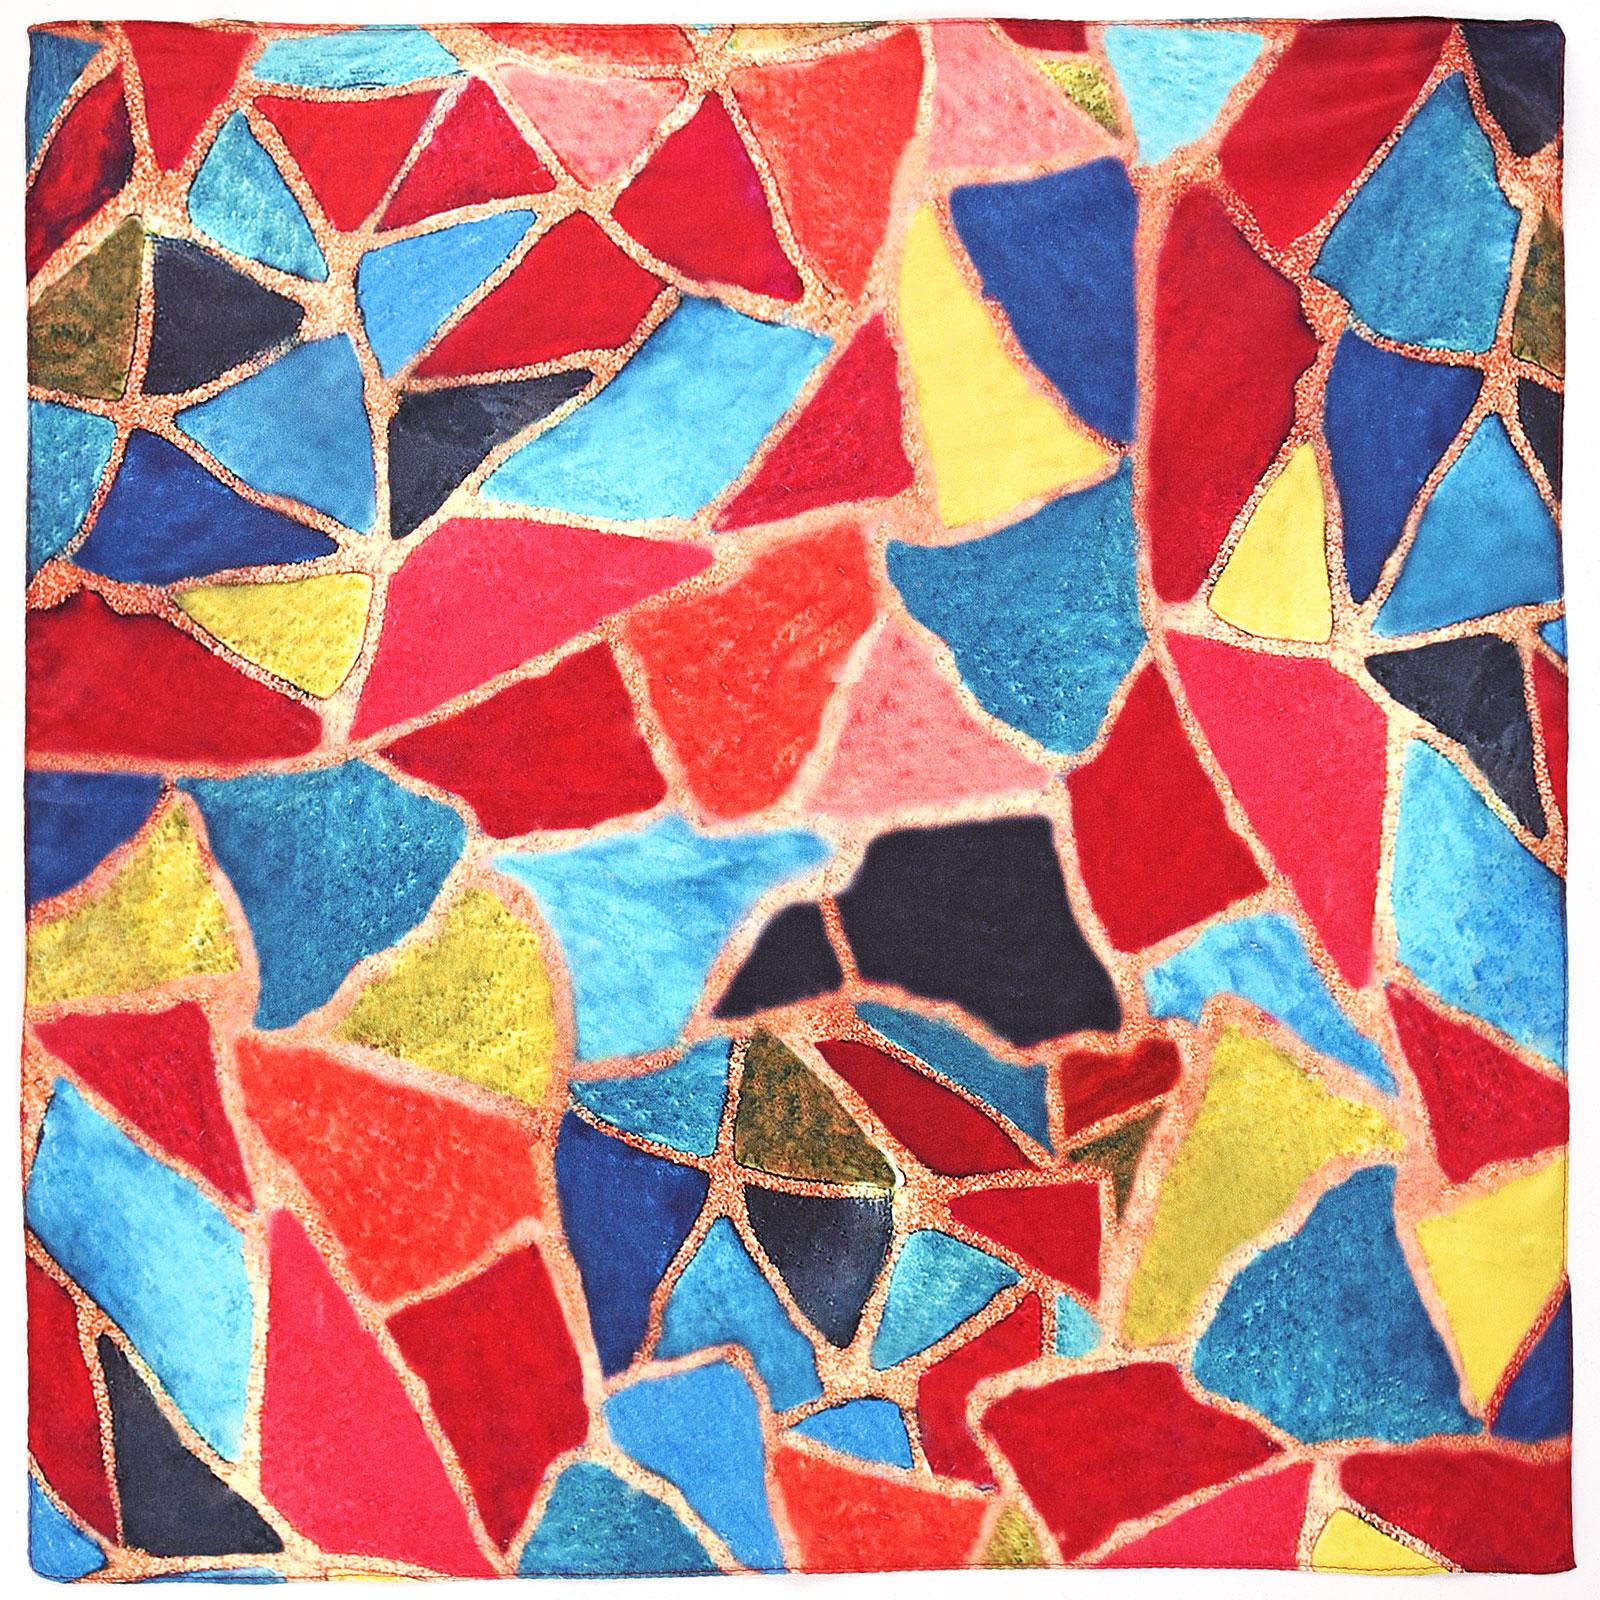 AT-04008-A16-carre-de-soie-mosaique-multicolore